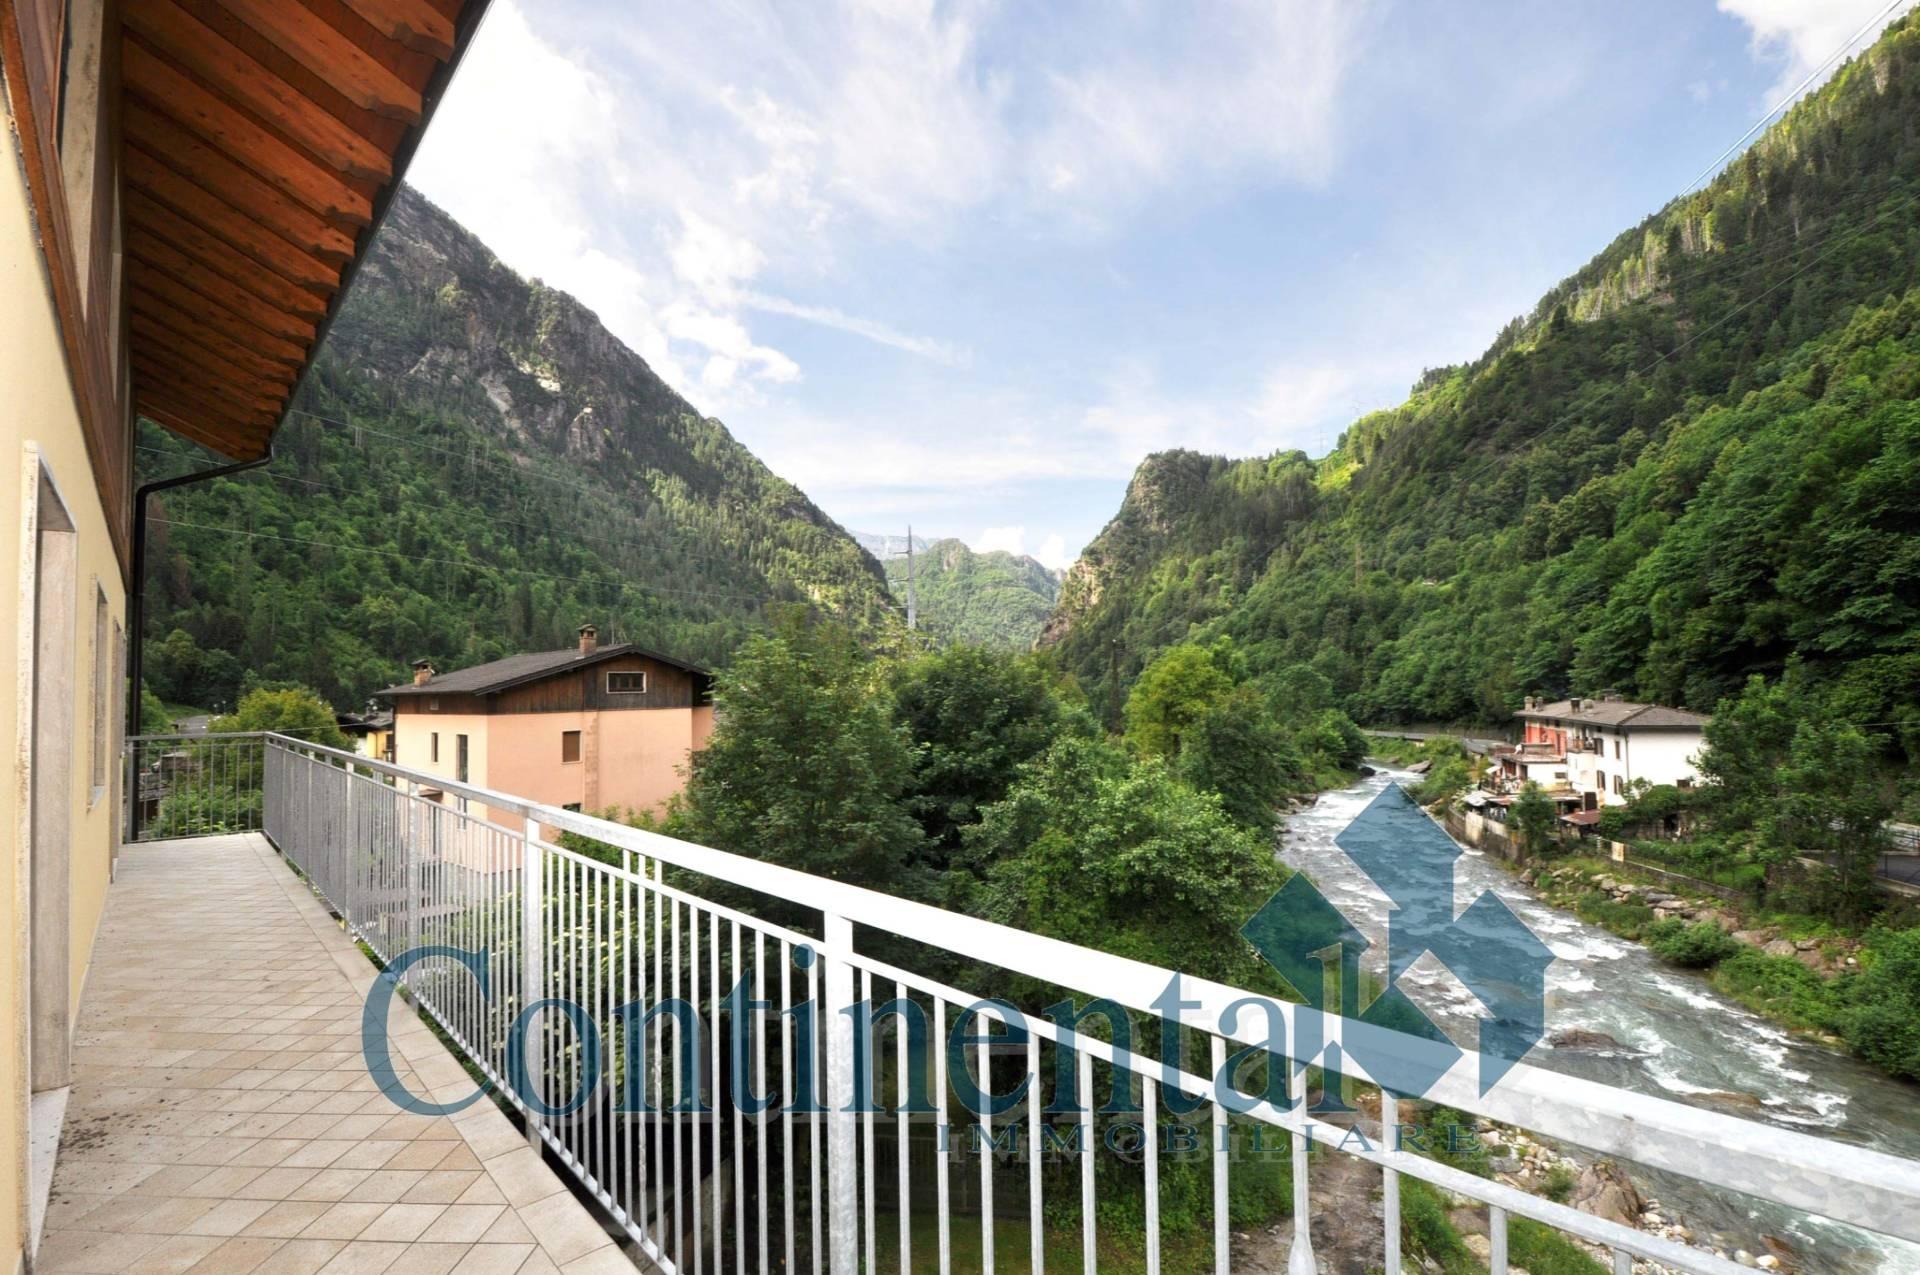 Appartamento in vendita a Isola di Fondra, 4 locali, zona uchello, prezzo € 37.000 | PortaleAgenzieImmobiliari.it